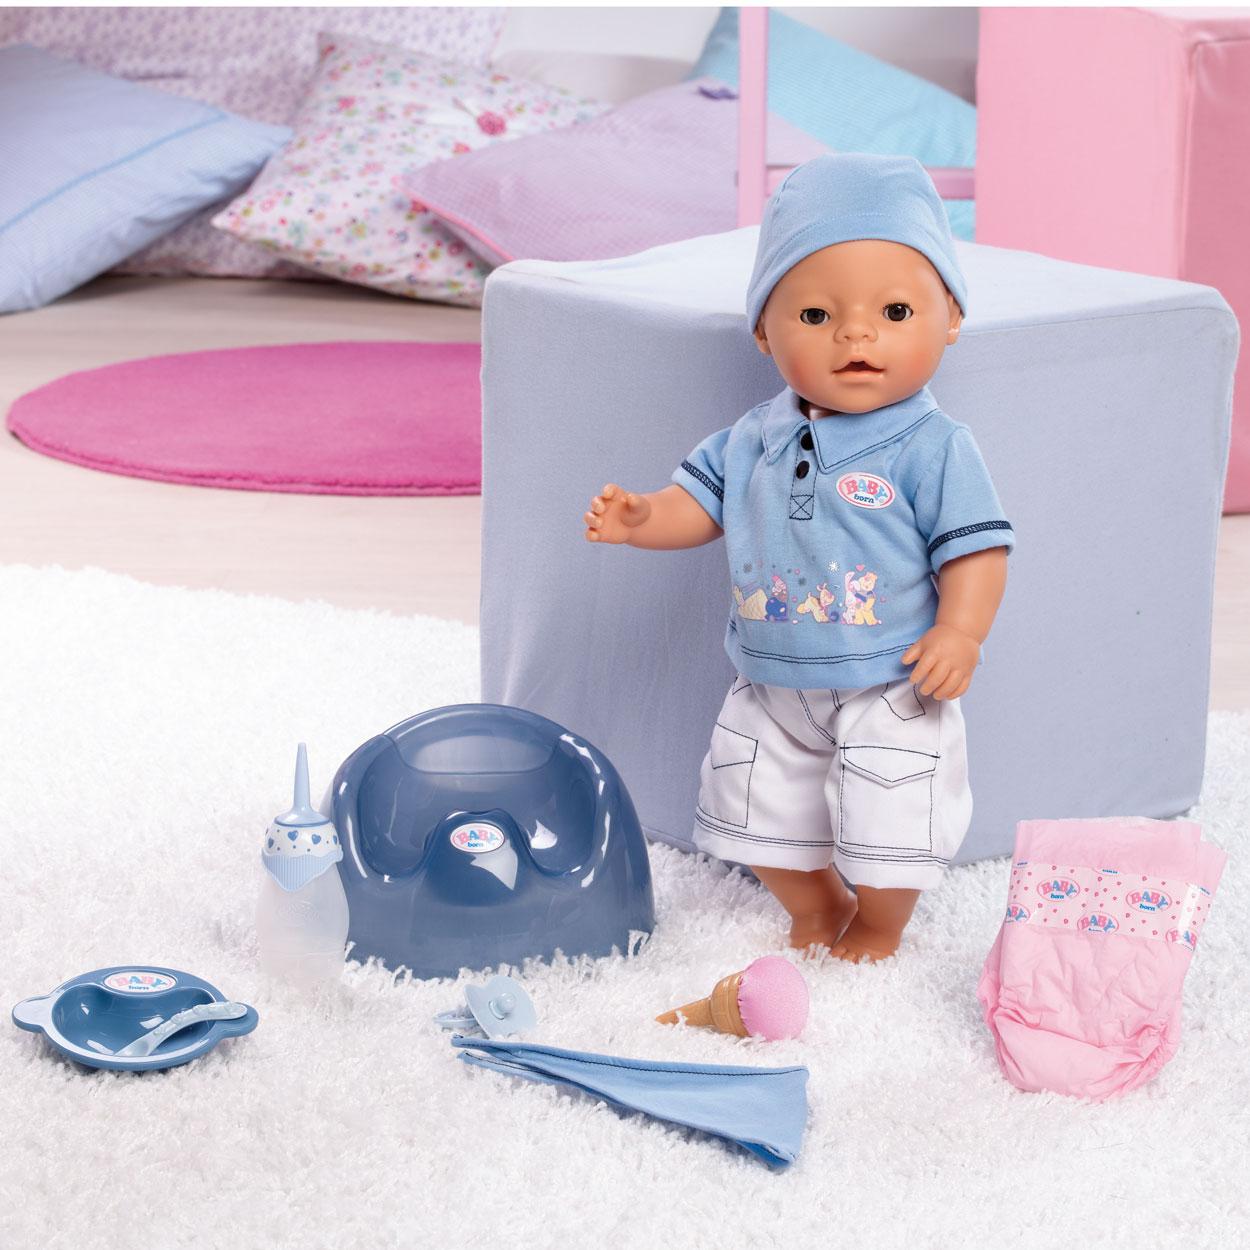 Baby born magische voeding jongen online kopen - Foto baby jongen ...